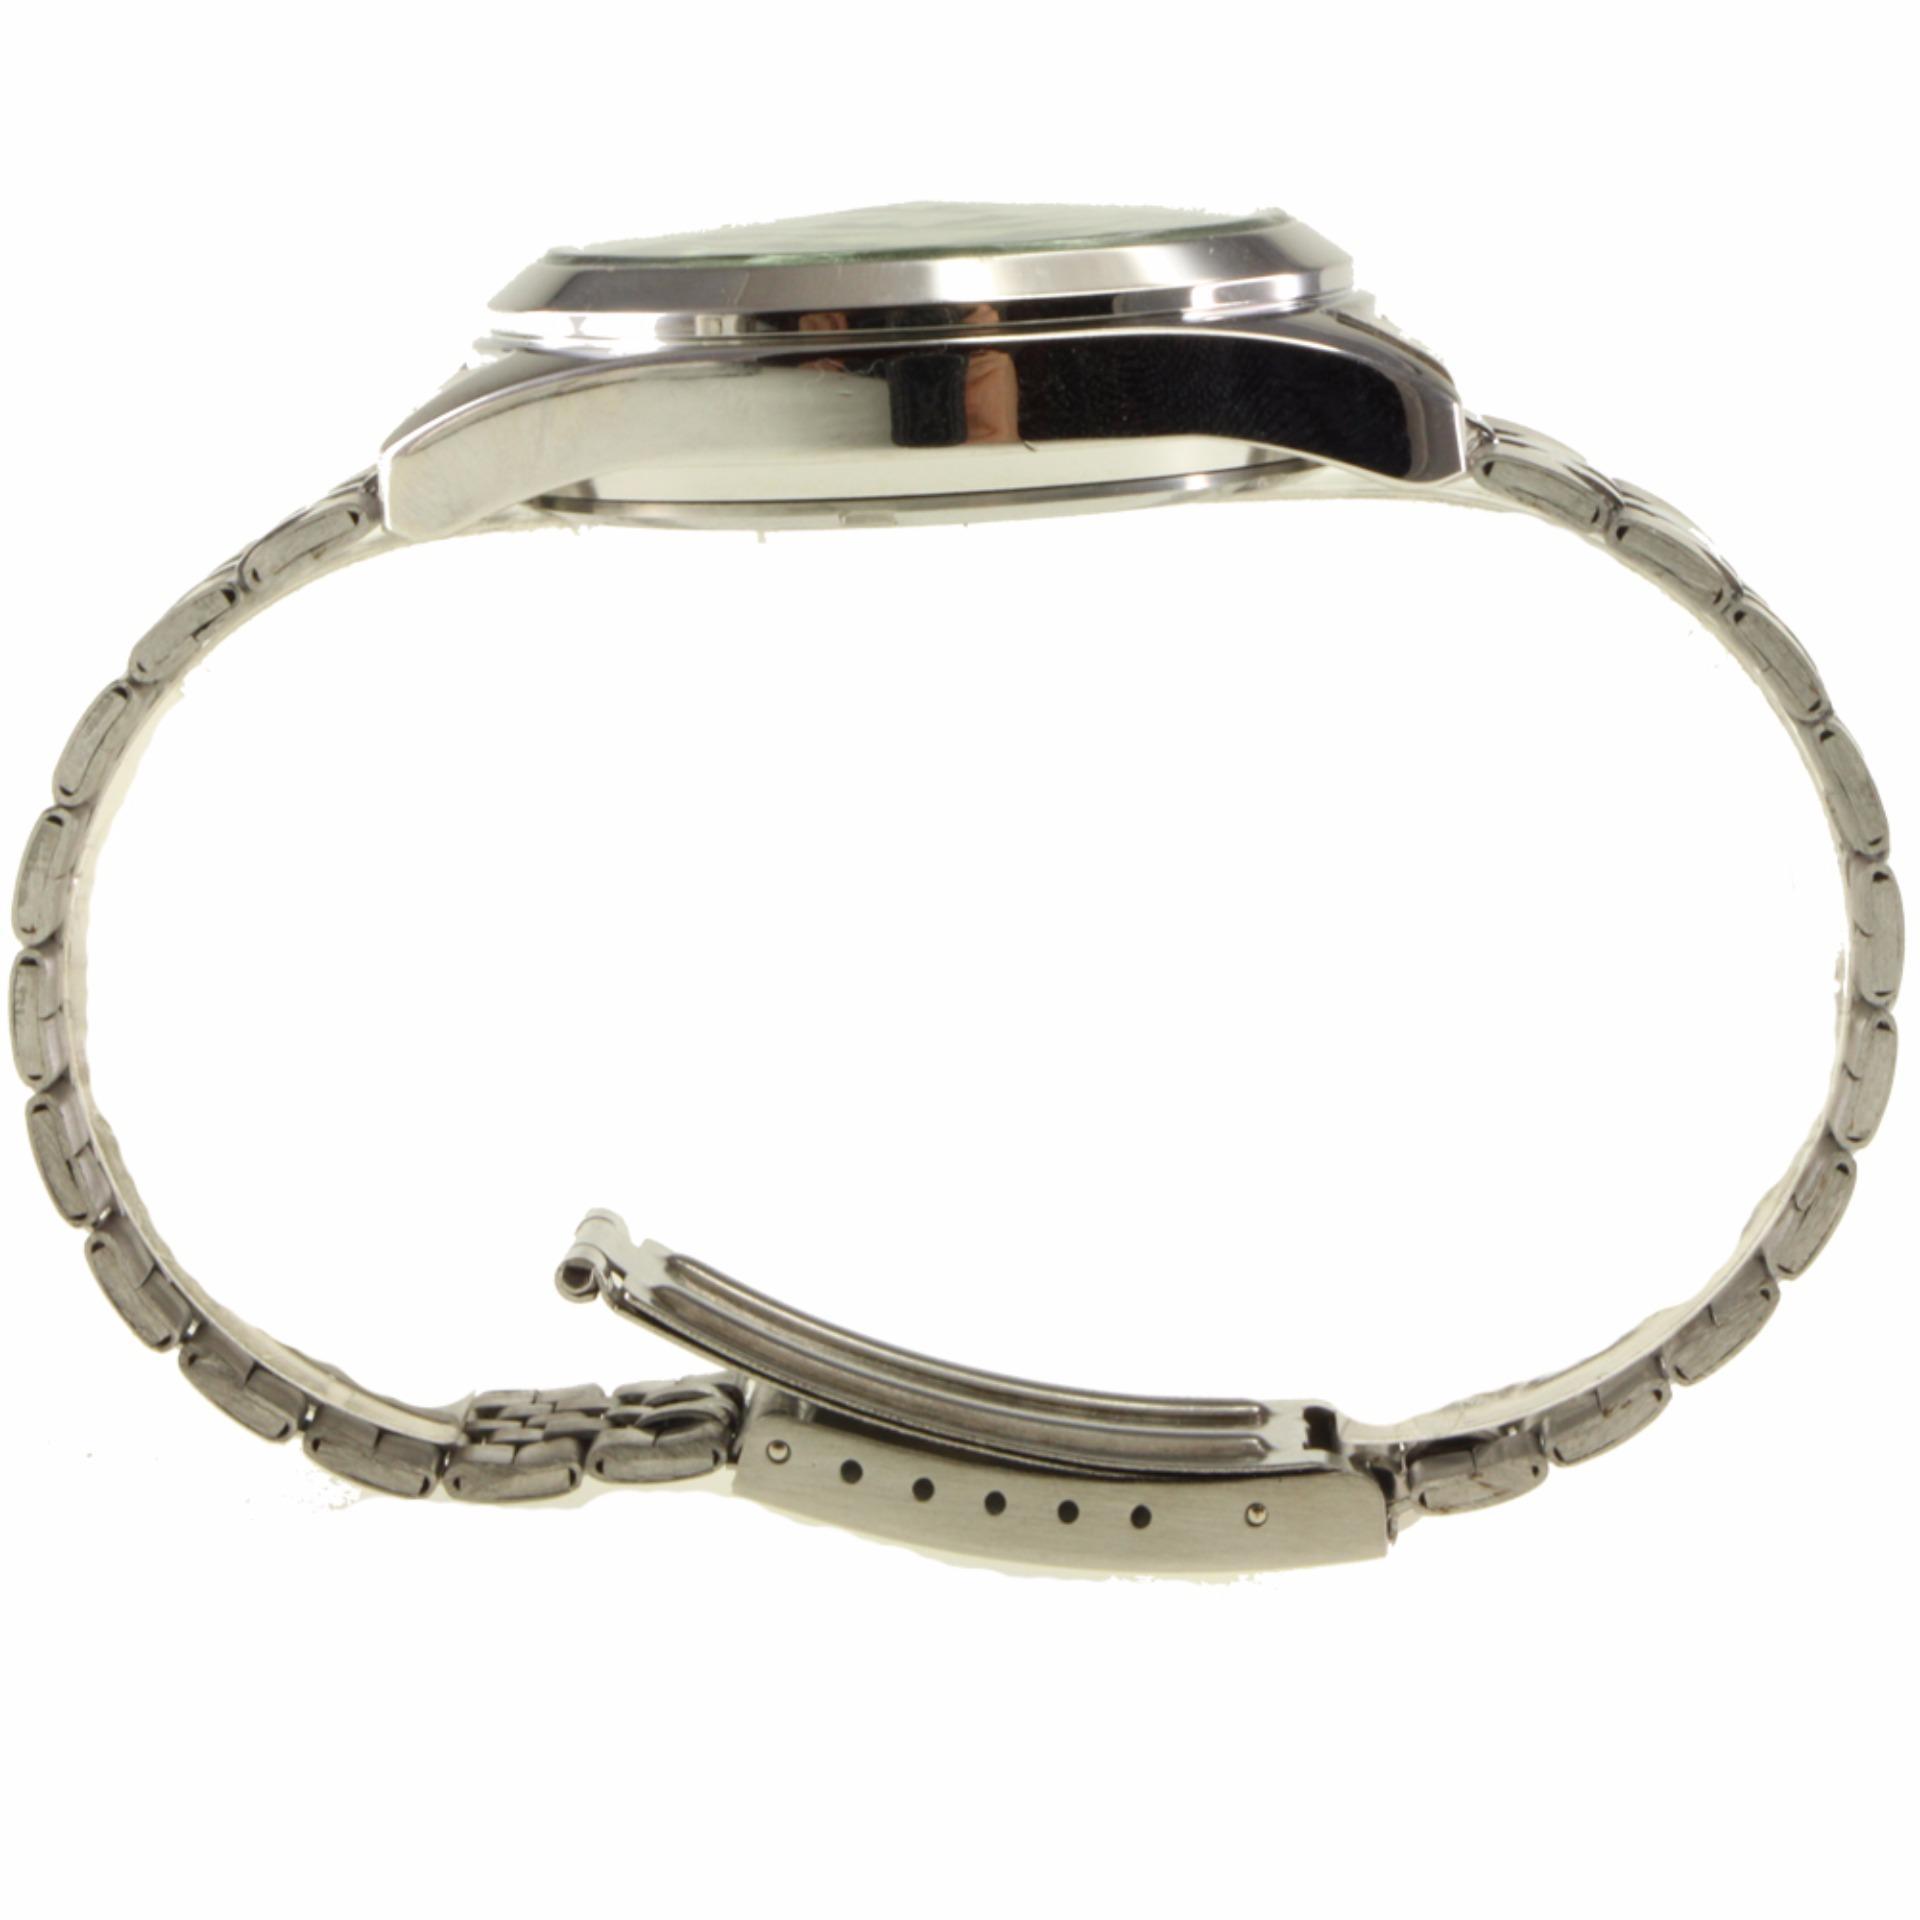 Oremte Analog Ga 04 Jam Tangan Pria Putih Daftar Harga Terkini Extri X3002e Silver Tk 1856 G A04